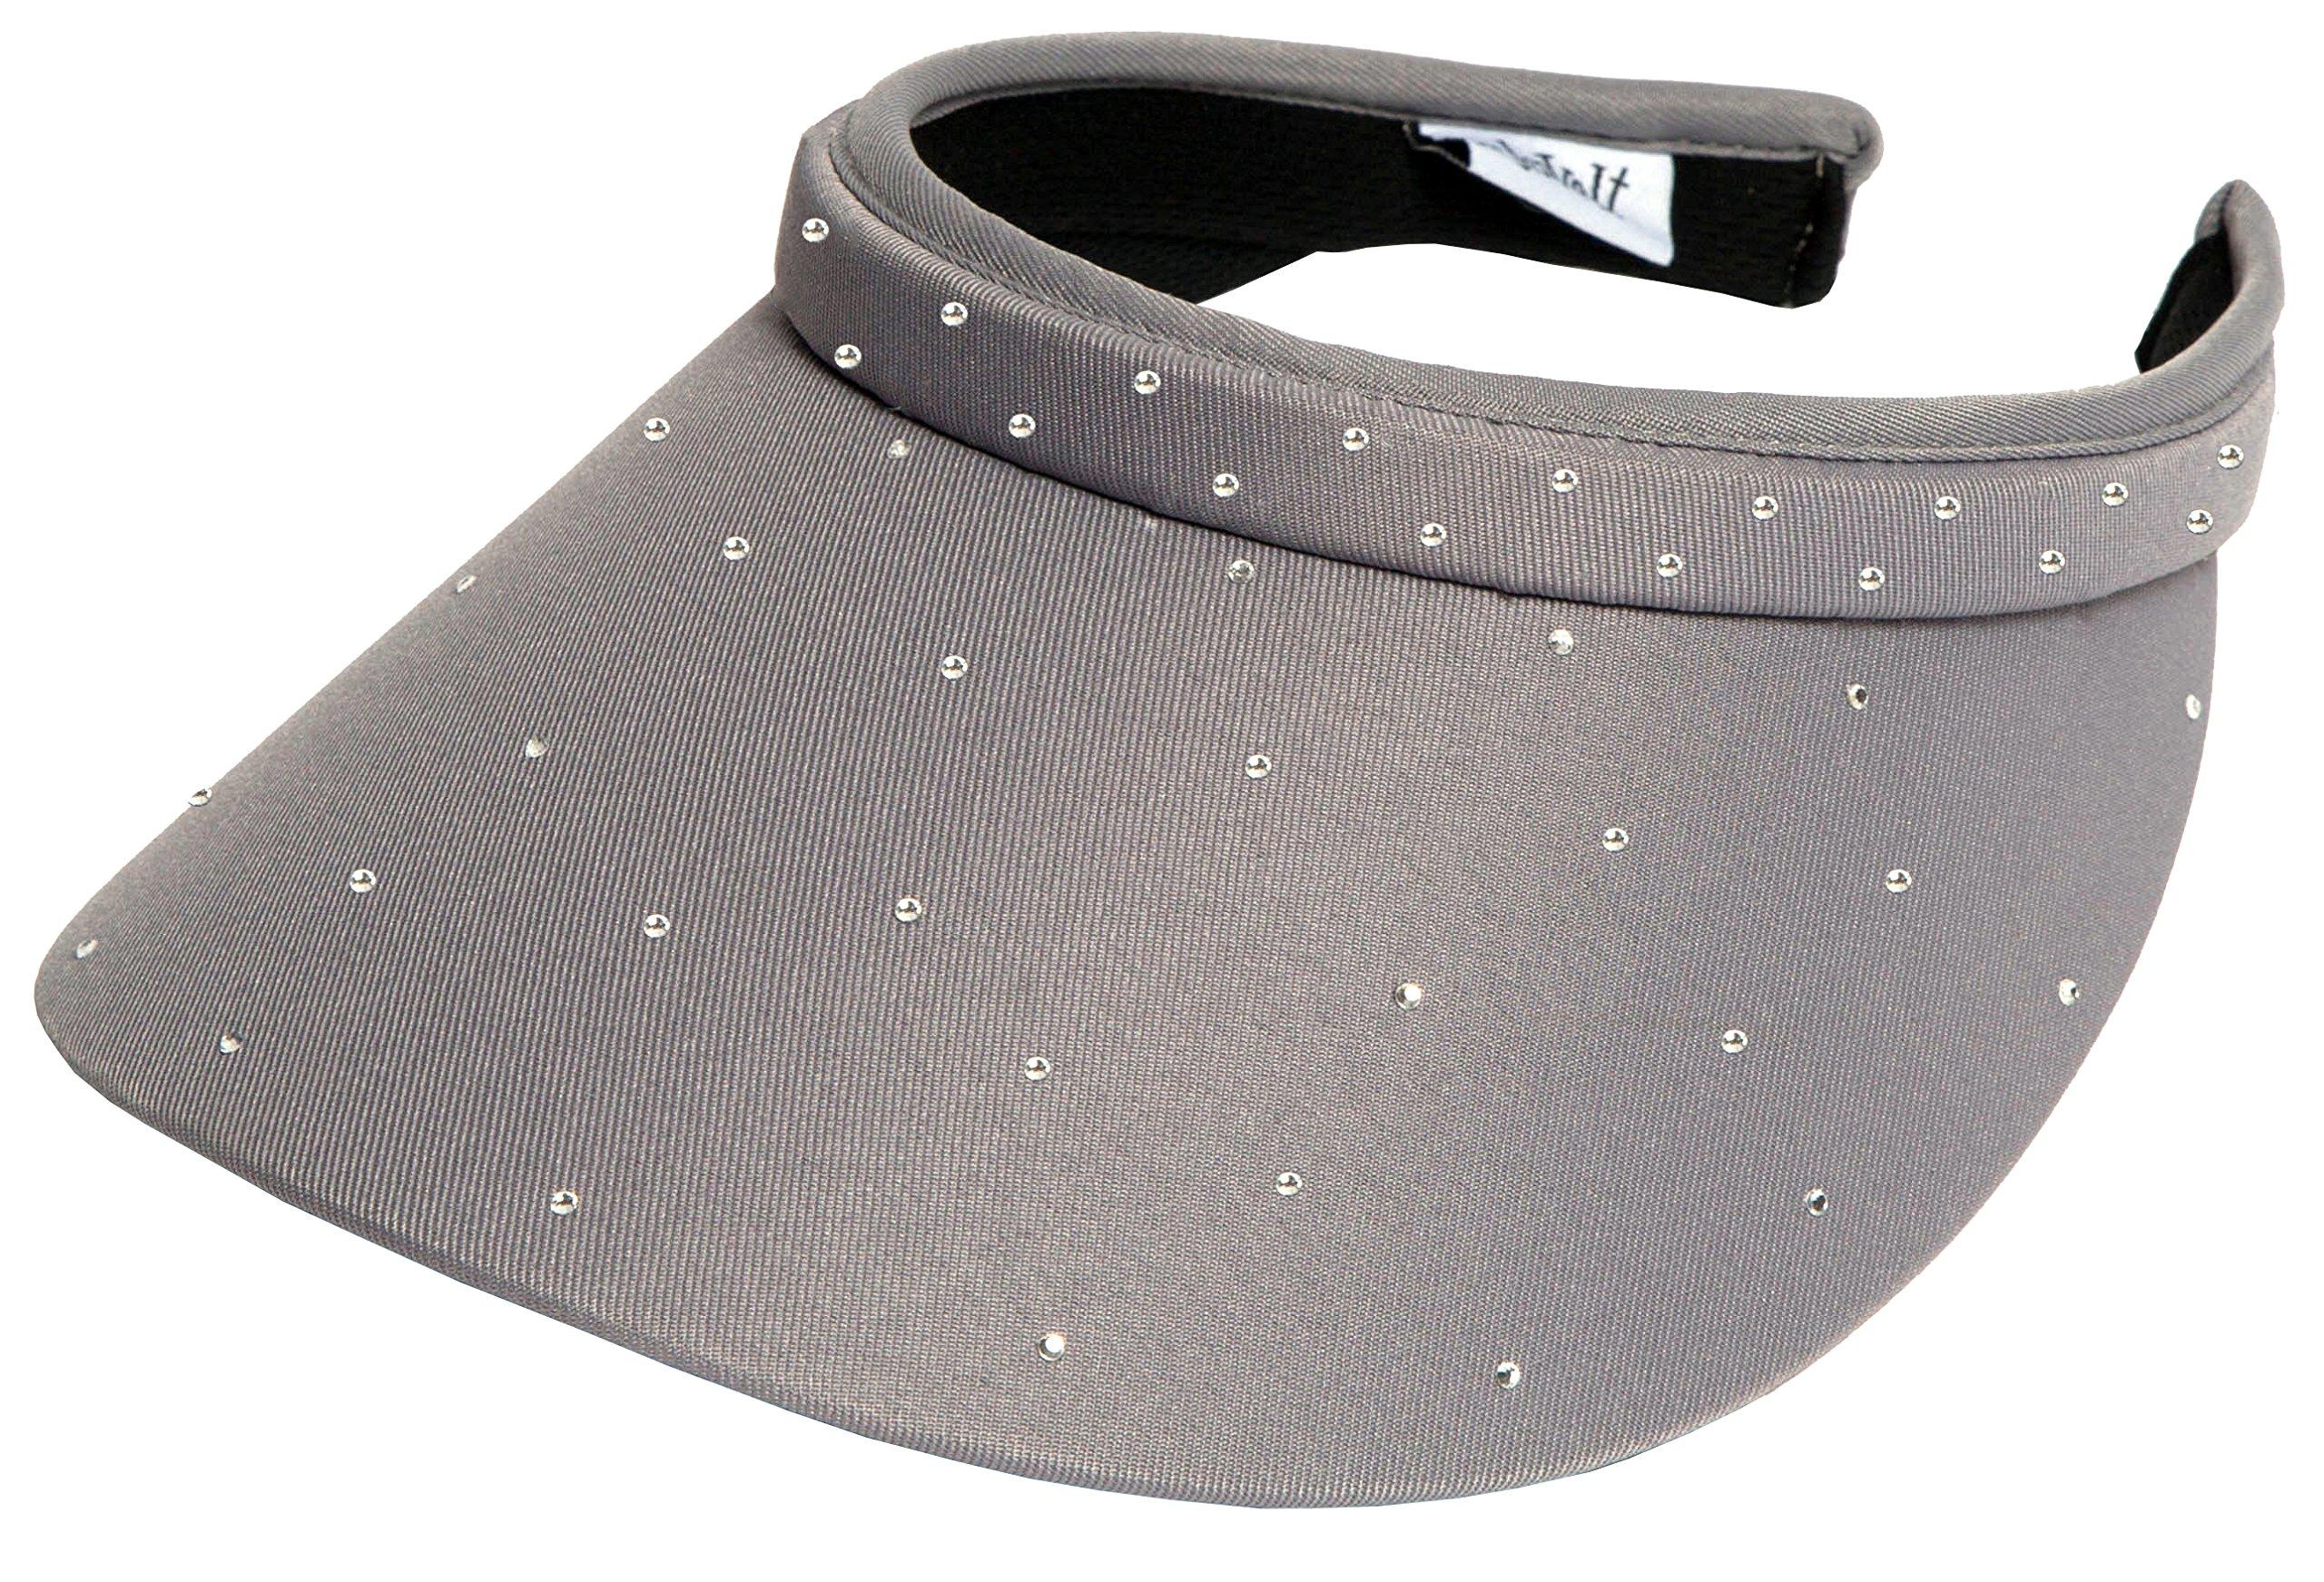 Glove It Women's Clip On Visor Golf & Tennis Head Visors for Women - UV 50 Protection - Ladies Sun Visor Hat - Large Wide Brim - Grey Bling